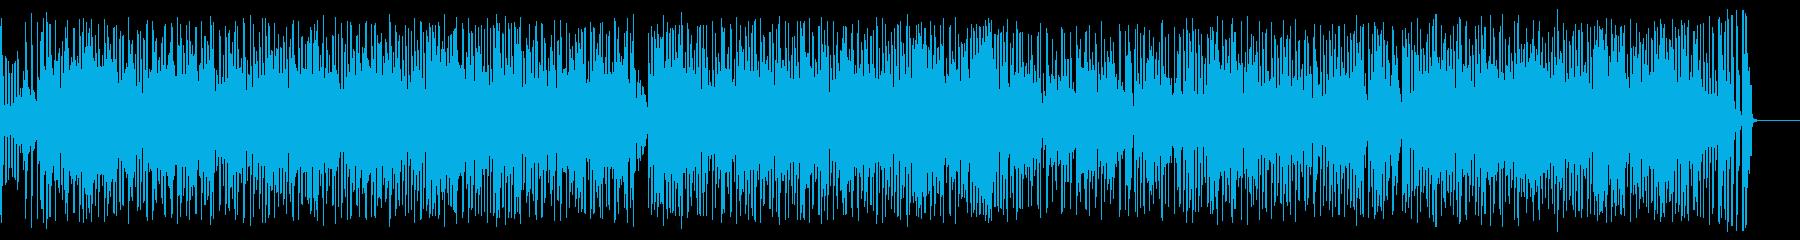 [SAX・フルート生演奏]明るく楽しい曲の再生済みの波形